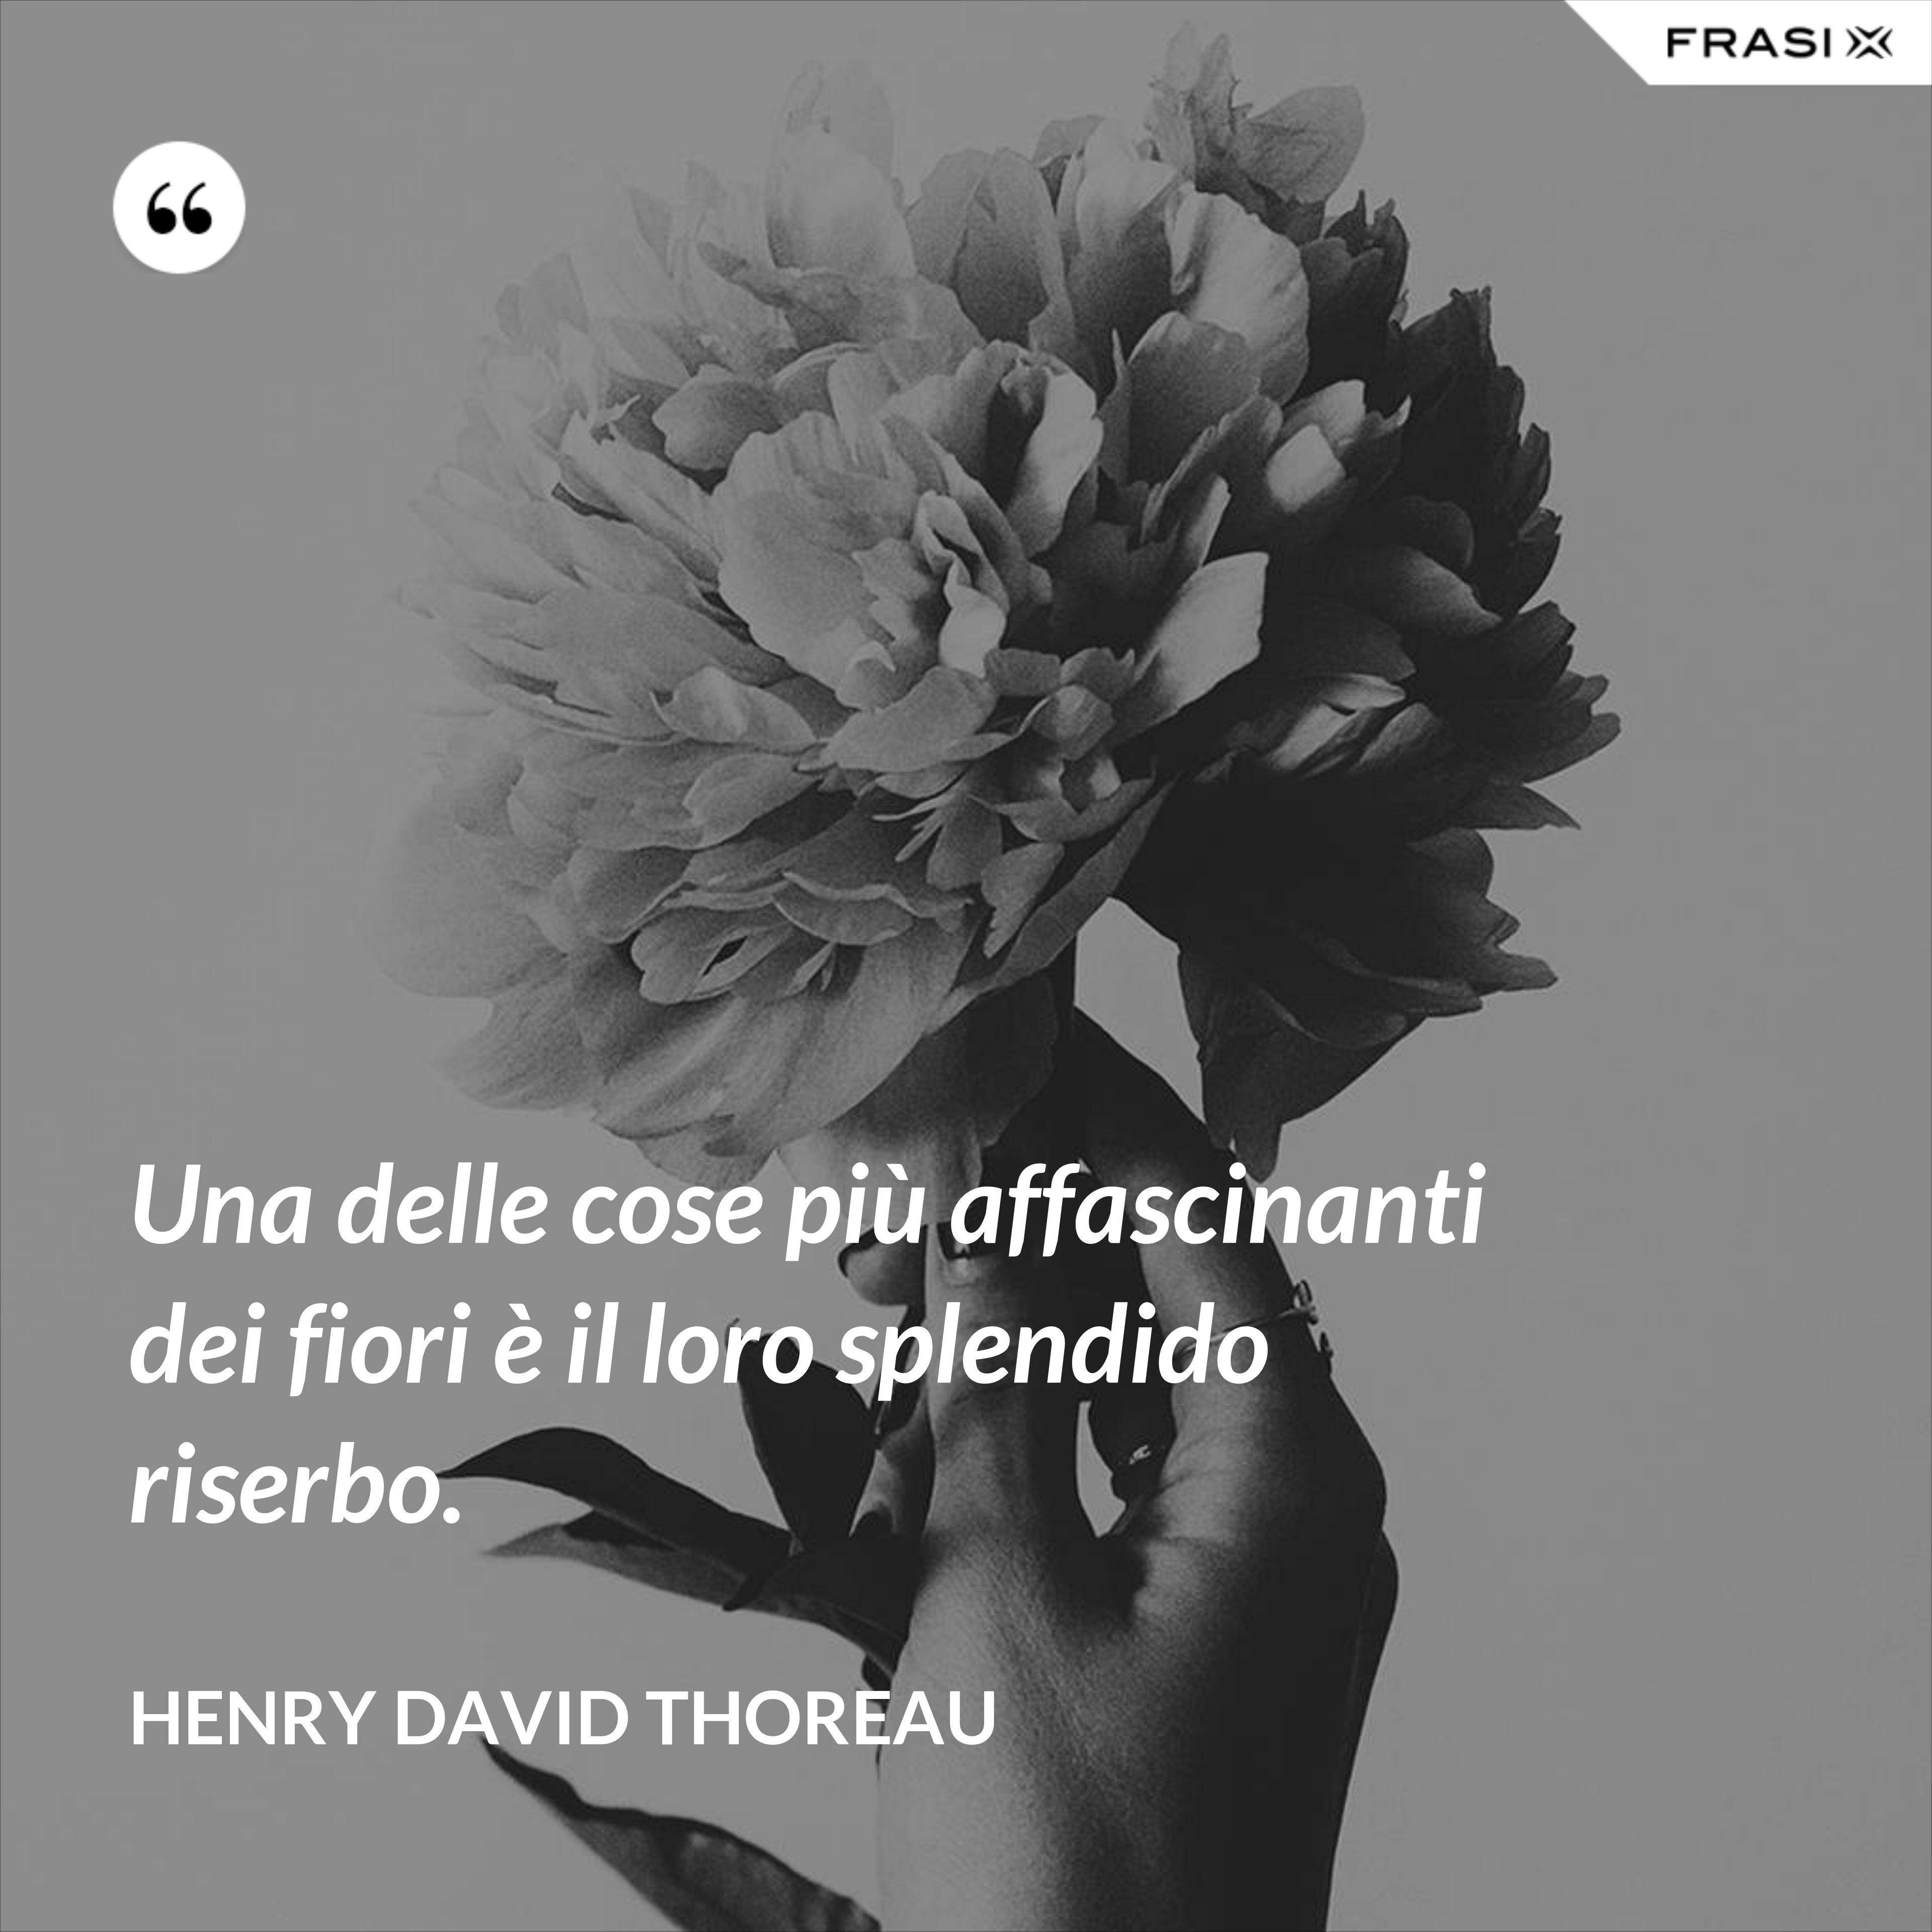 Una delle cose più affascinanti dei fiori è il loro splendido riserbo. - Henry David Thoreau